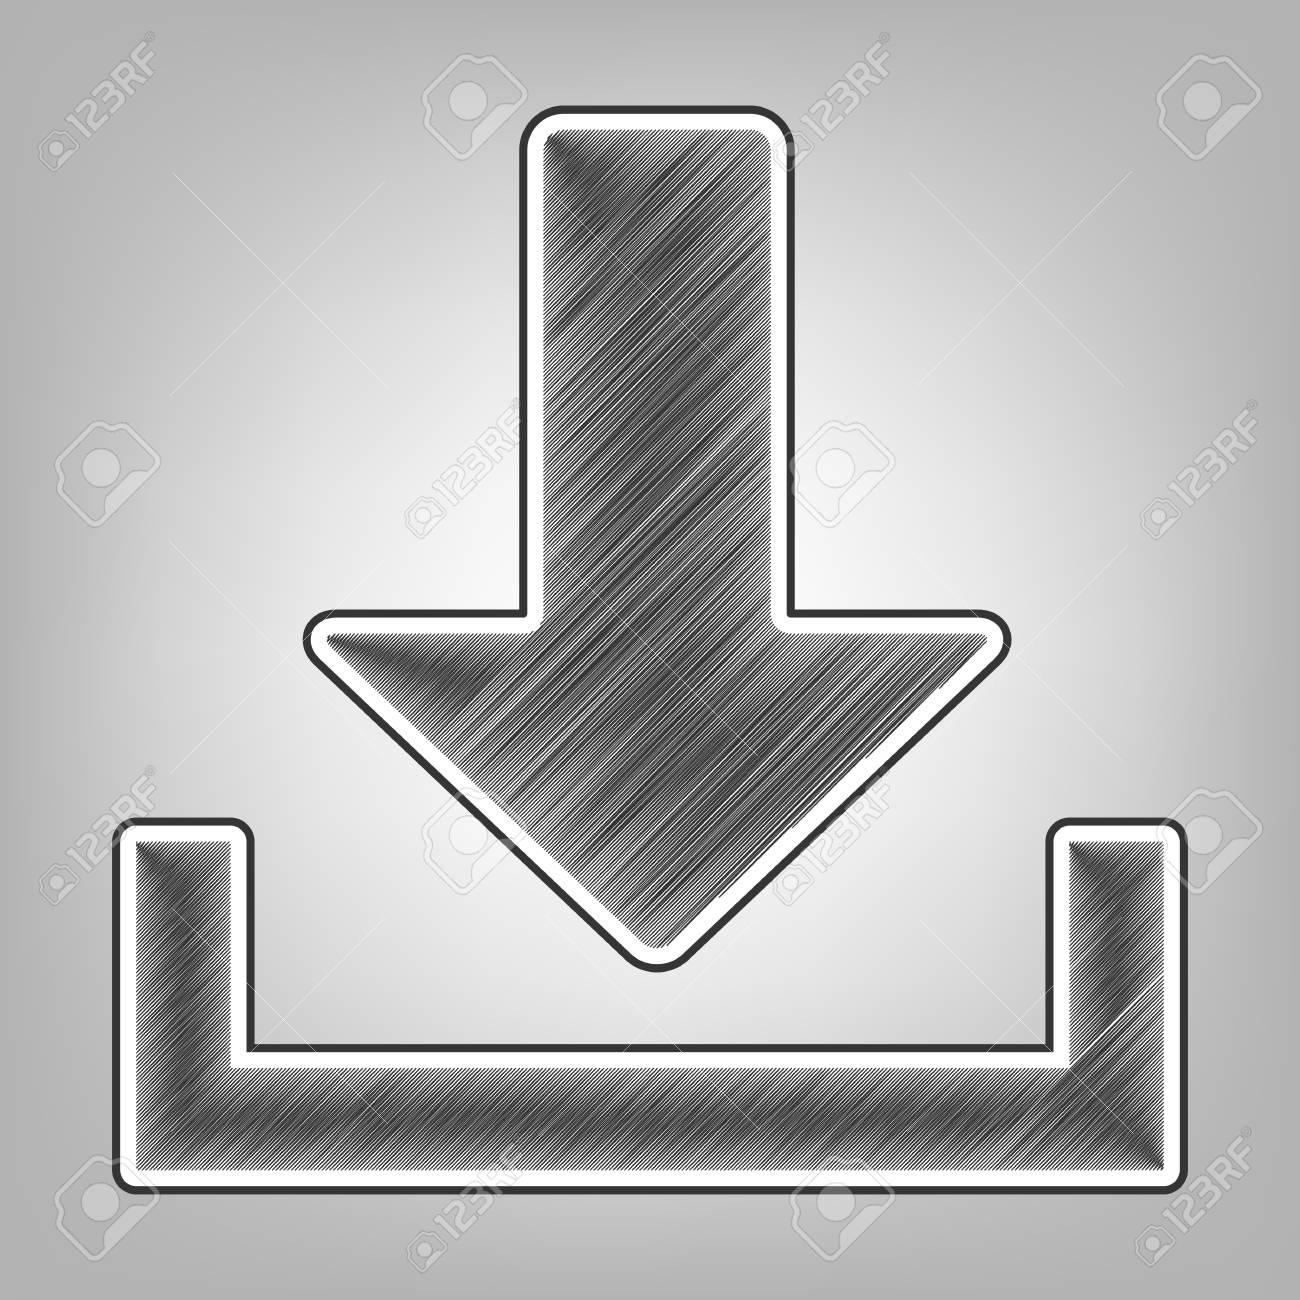 Download sign illustration vector pencil sketch imitation dark gray scribble icon with dark